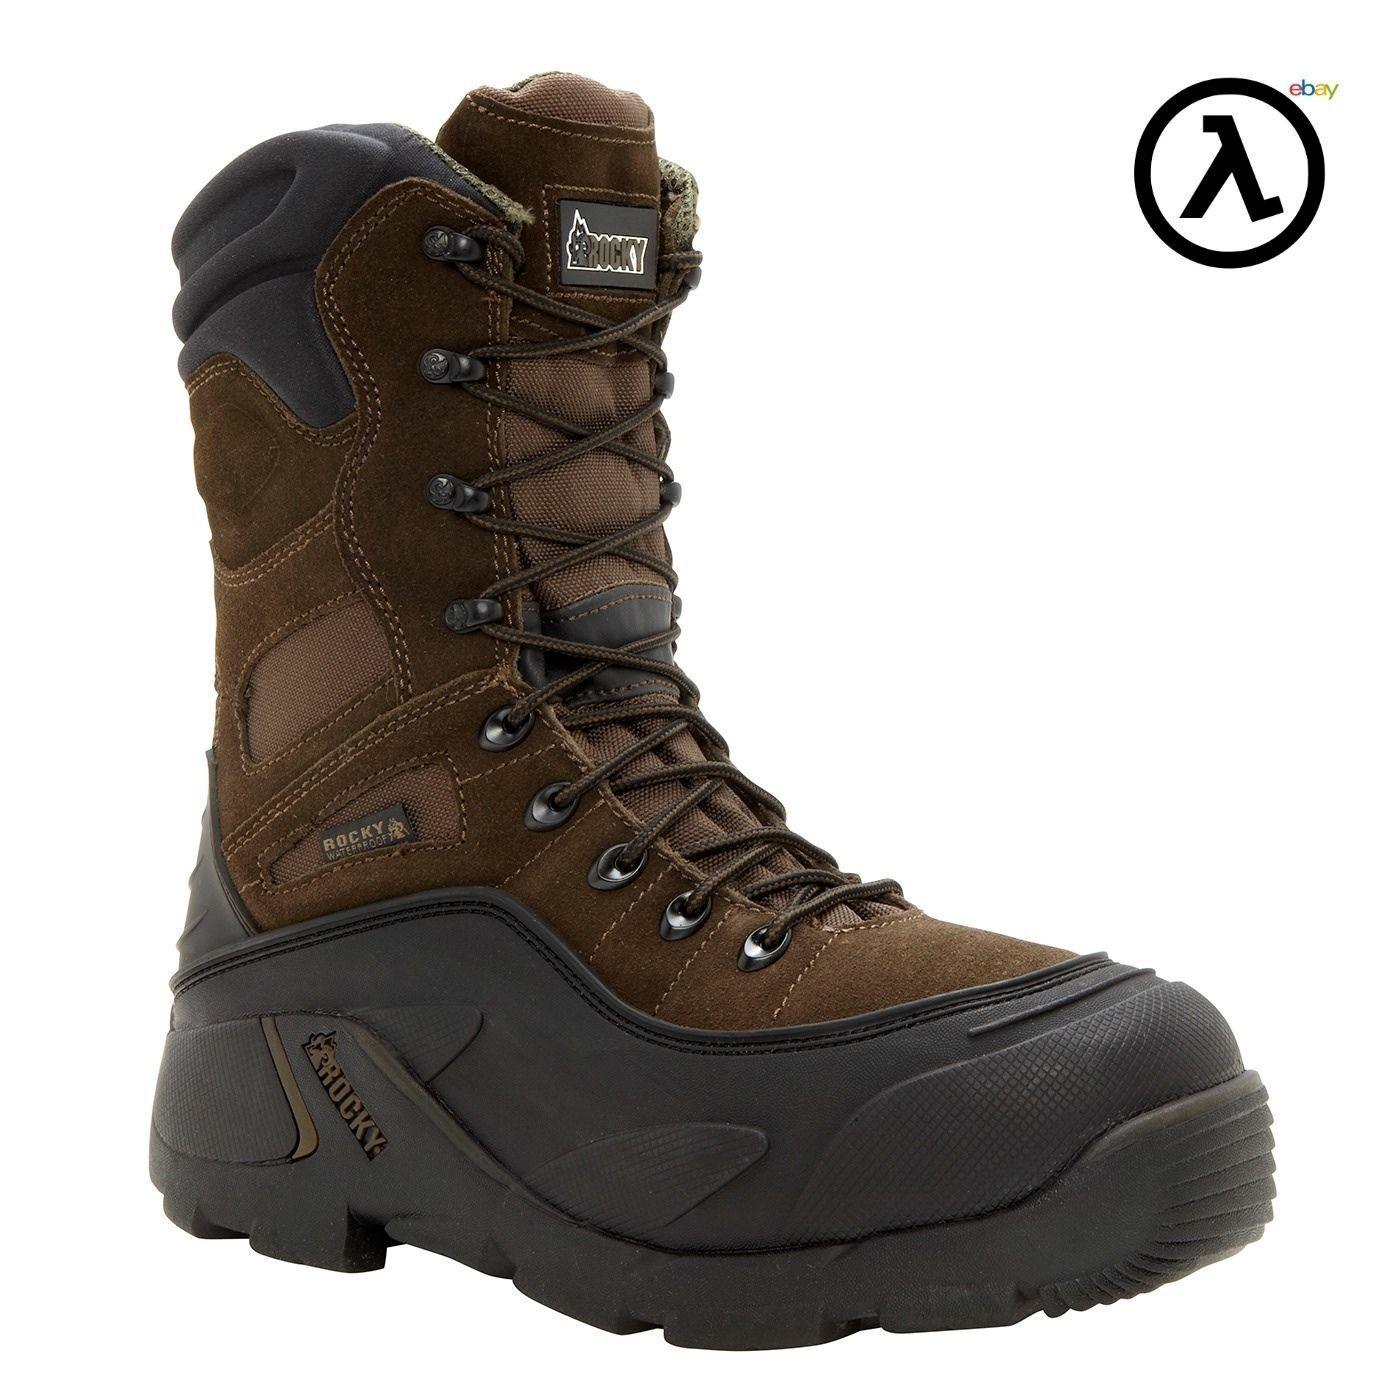 ROCKY BLIZZARDSTALKER ST WTRPF 1200G Aislado botas De Trabajo FQ0007465-todos Los Tamaños